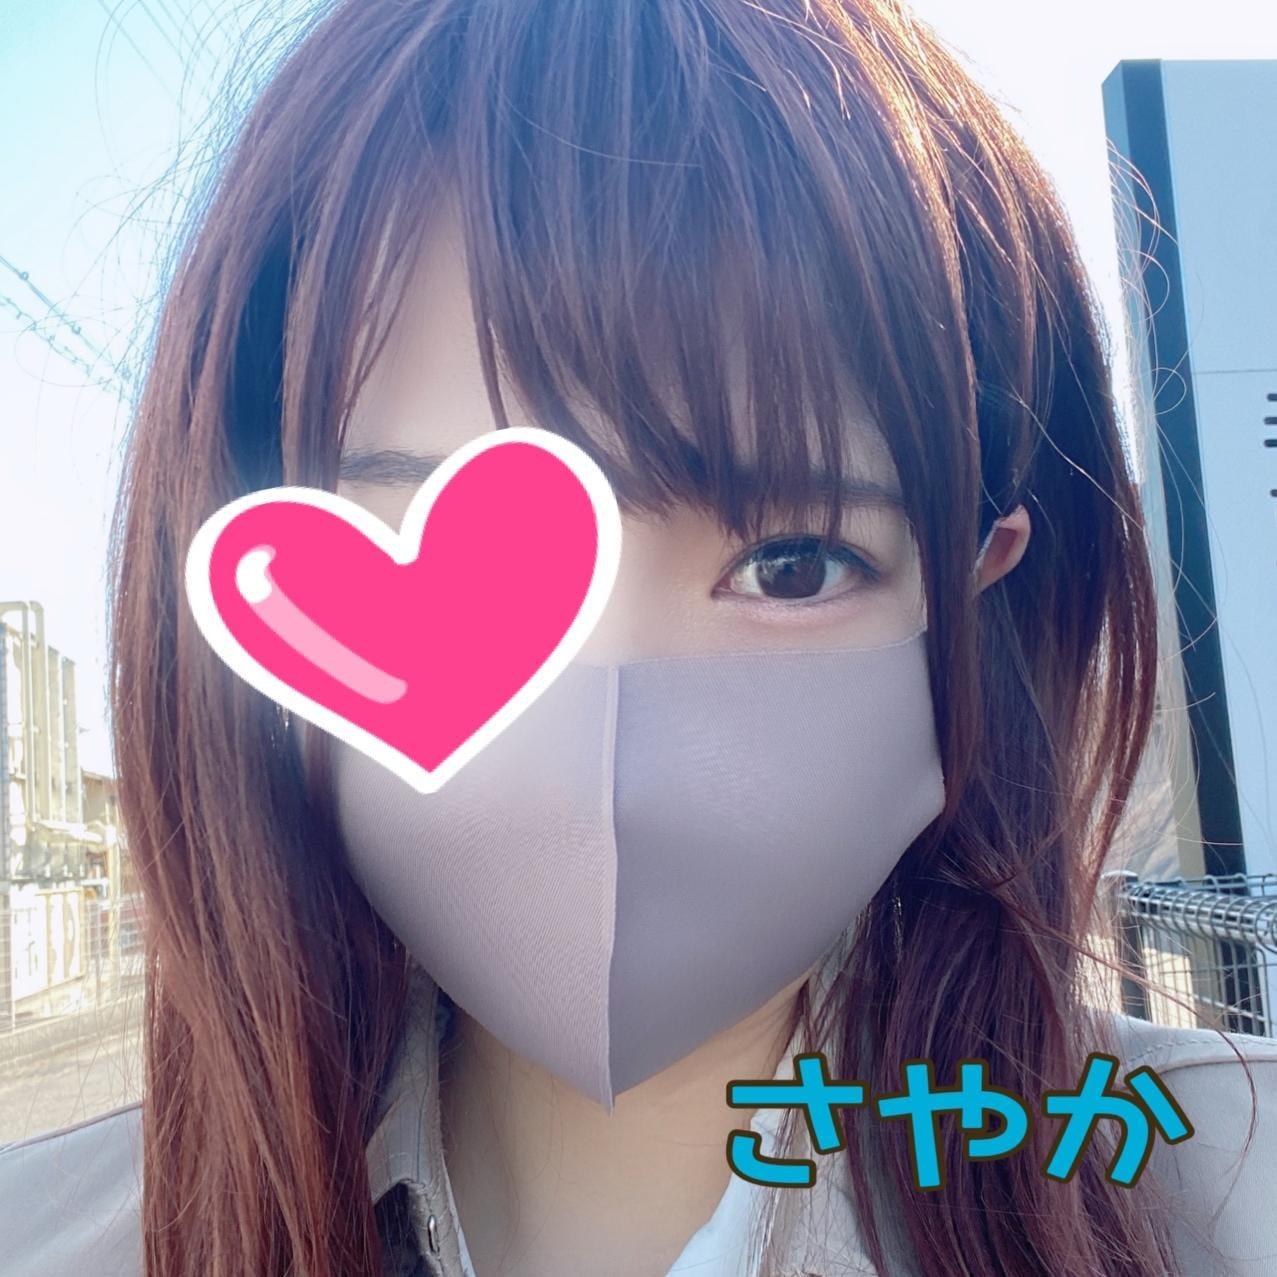 「さやかです☆」02/19(金) 17:45 | 新人 さやかサンの写メ・風俗動画